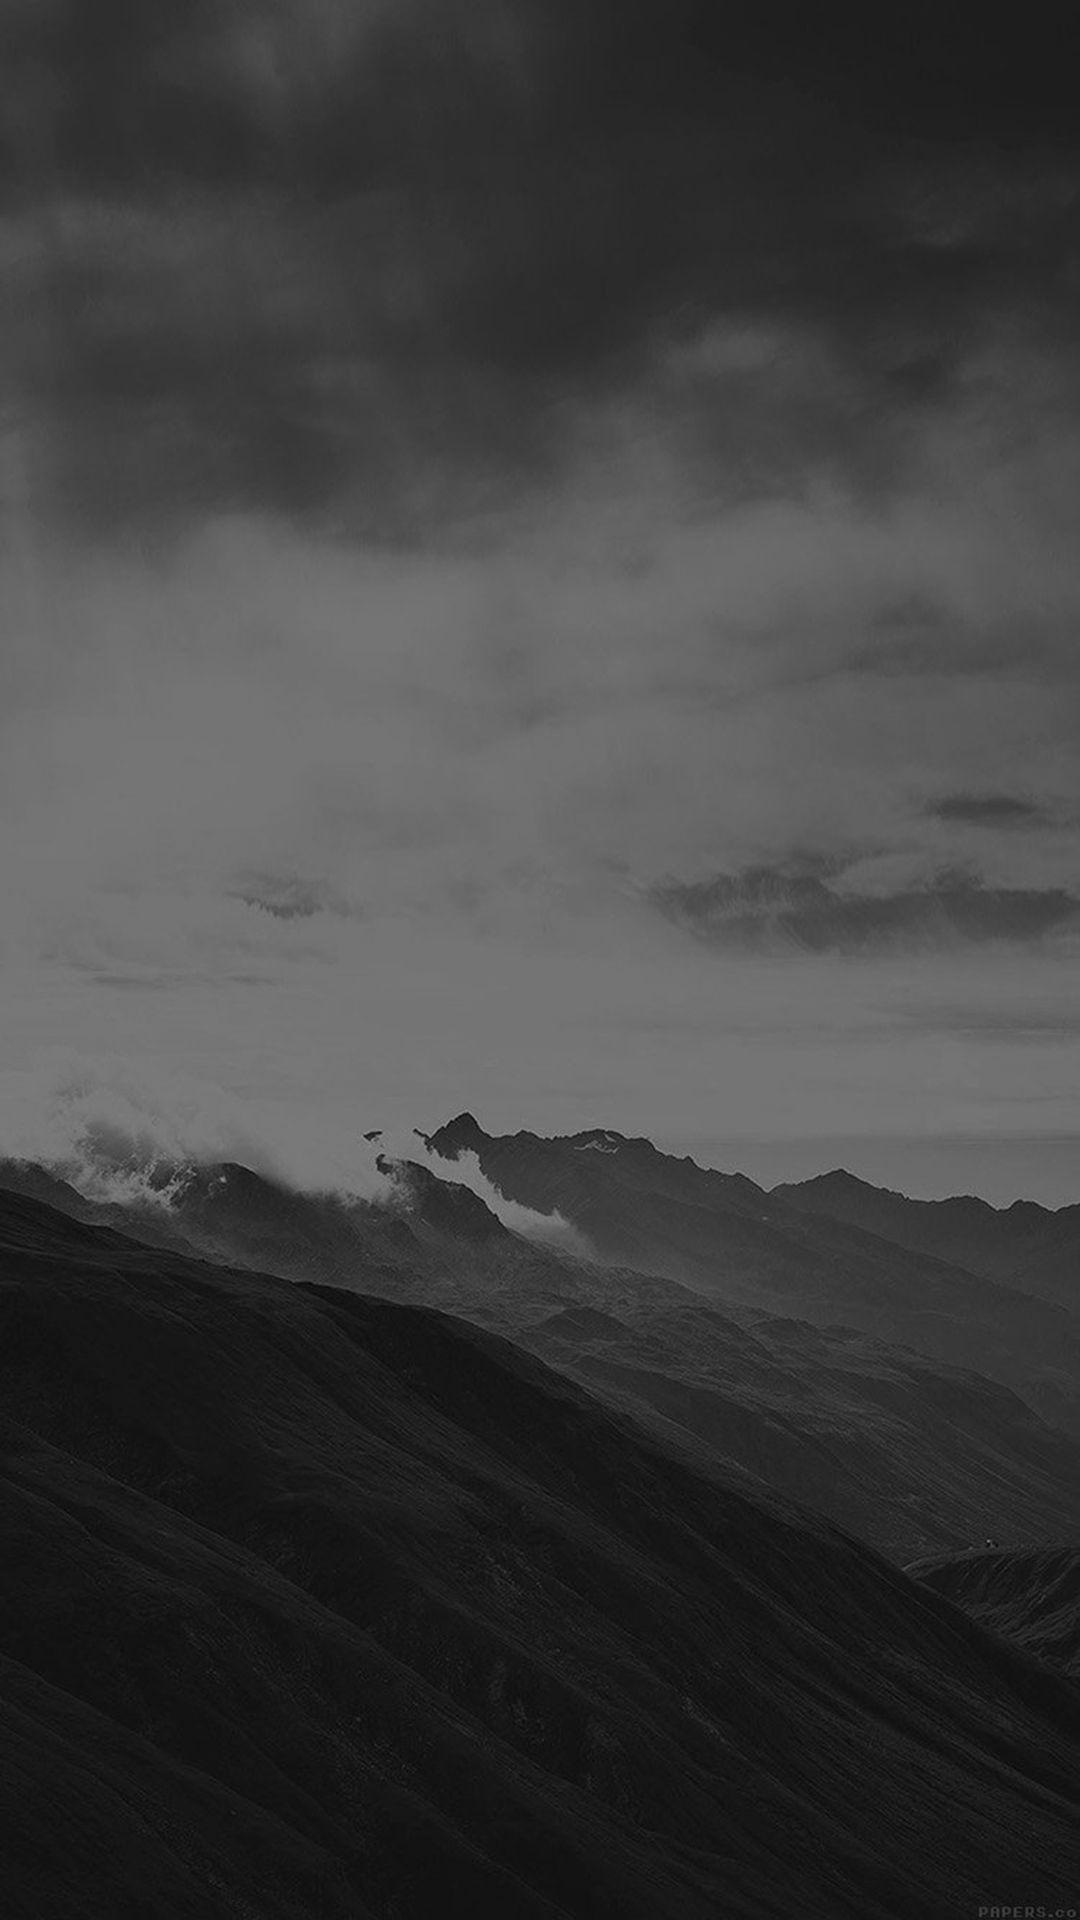 Must see Wallpaper Mountain Fog - 4be84b651e15e51d3c71765d1186f103  Photograph_481488.jpg